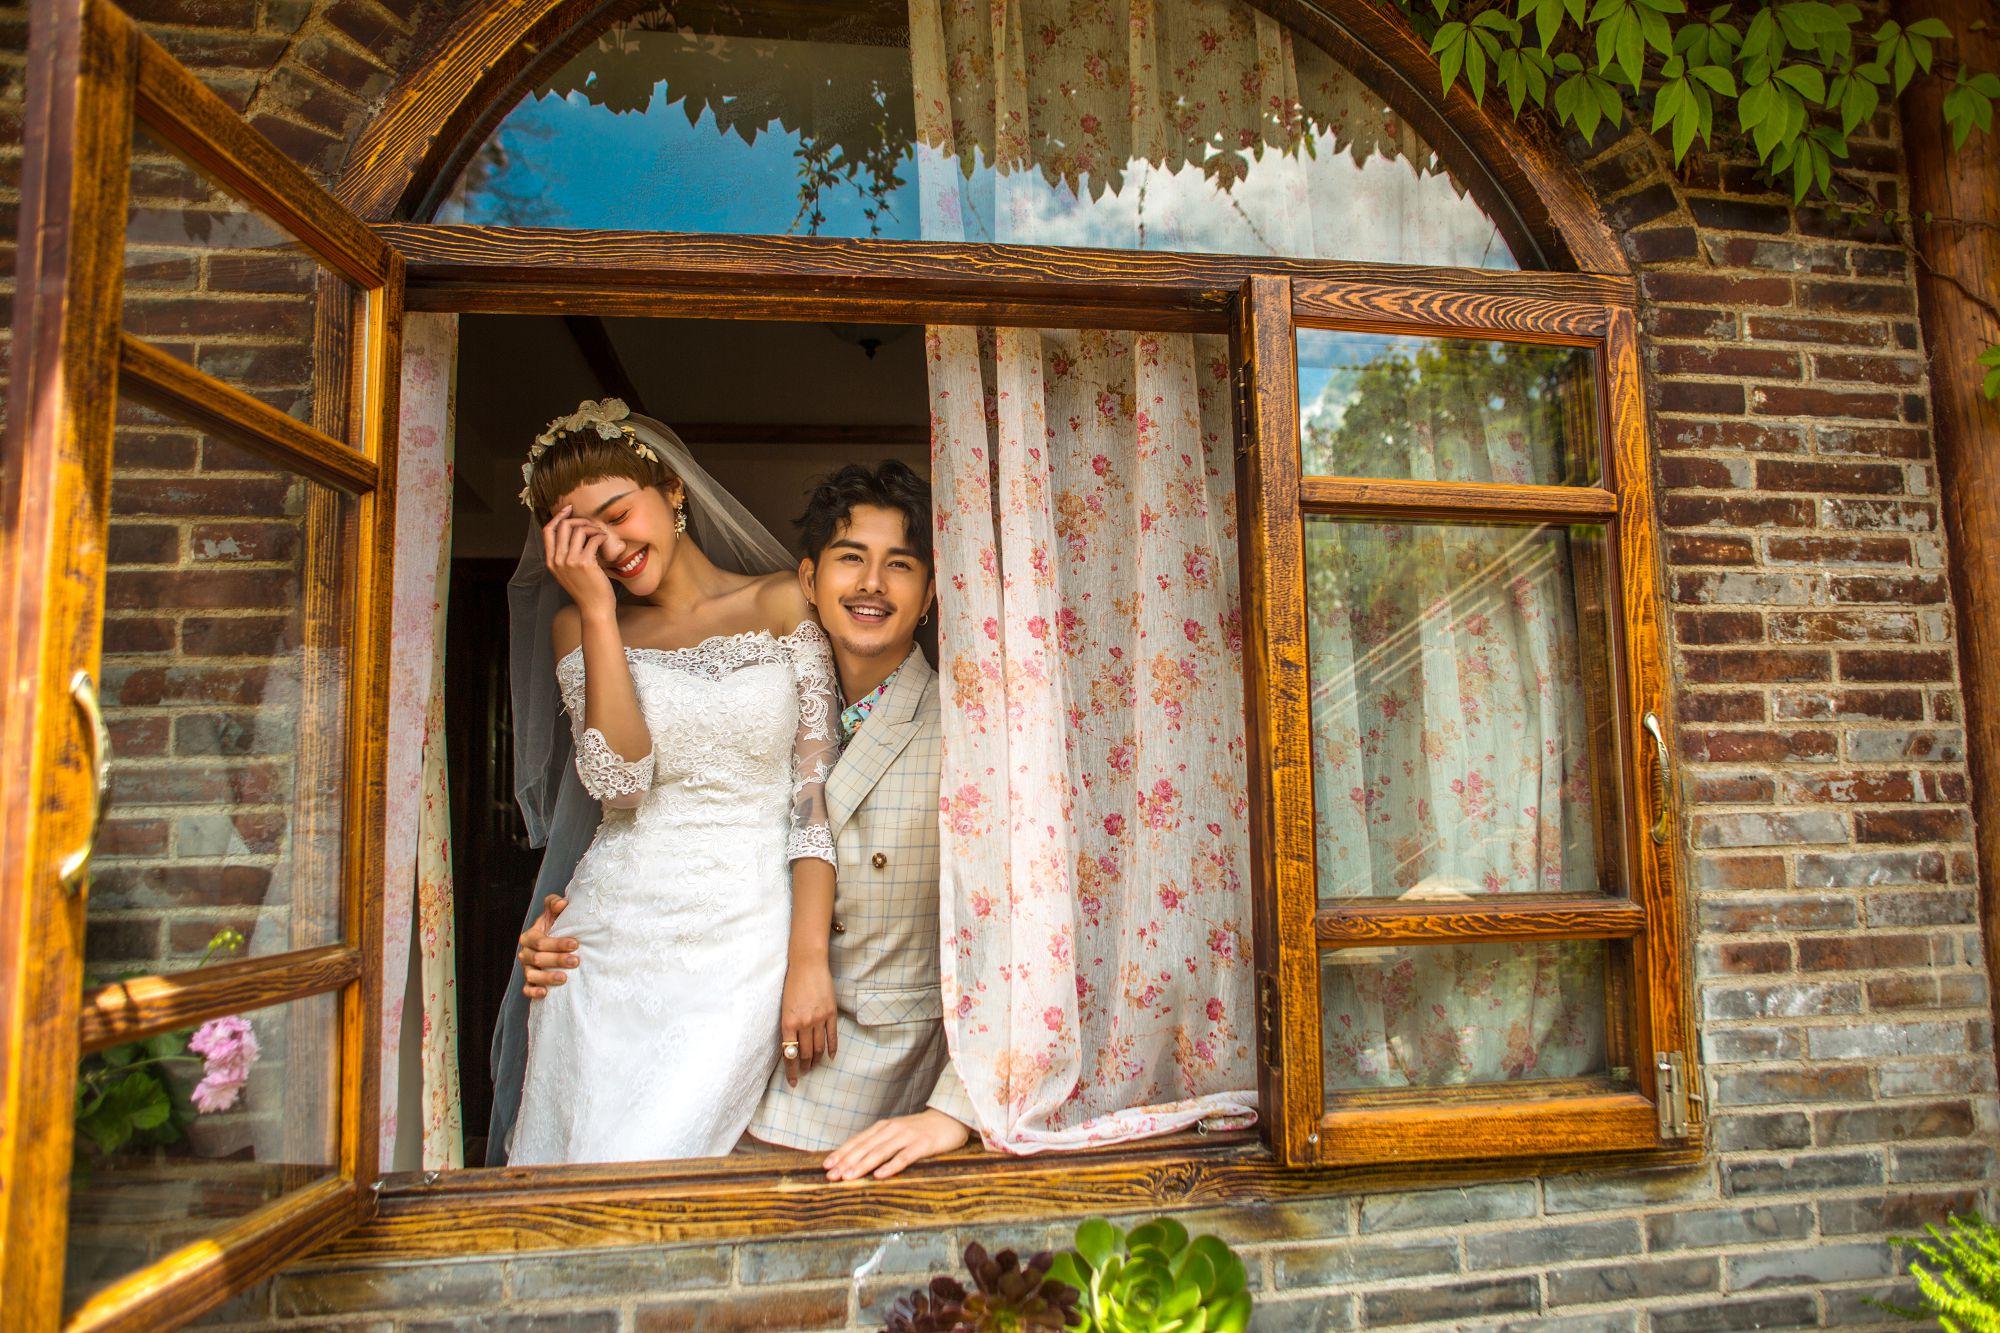 旅拍婚纱照攻略,新人必看的旅拍婚纱照注意事项!